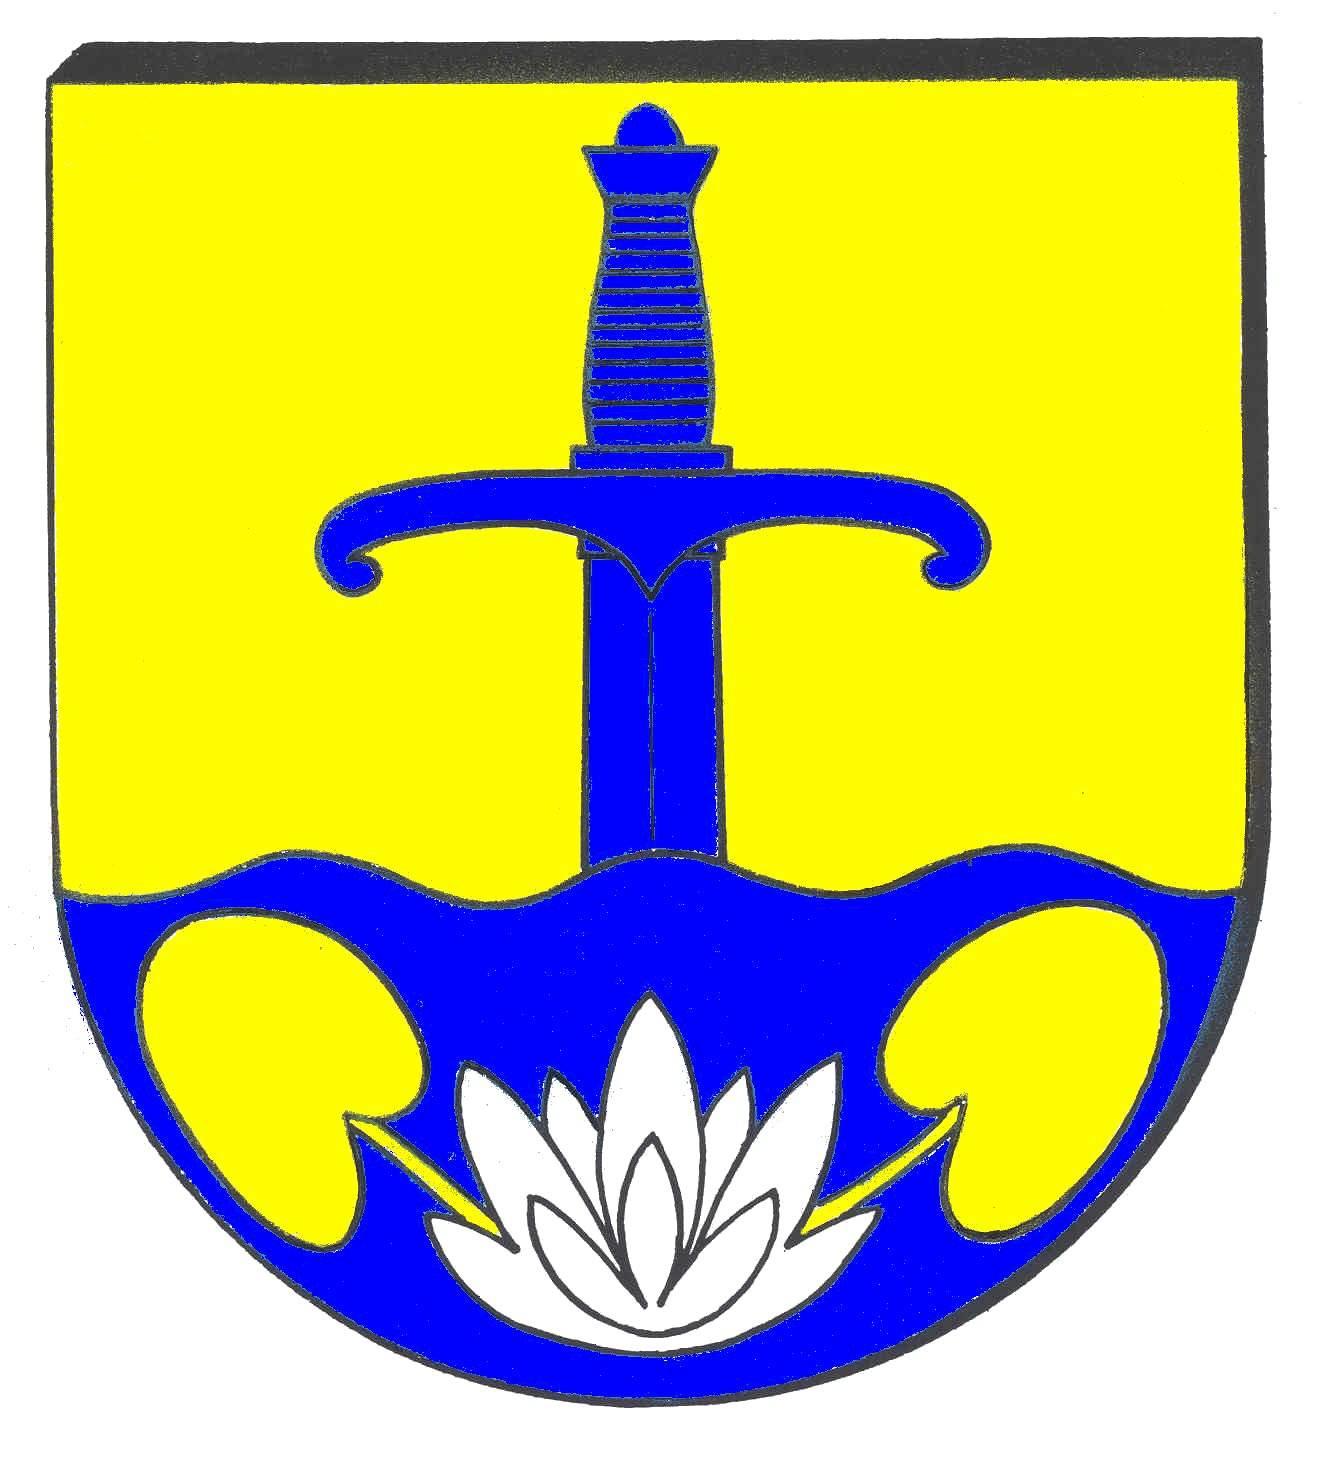 Wappen GemeindeSalem, Kreis Herzogtum Lauenburg